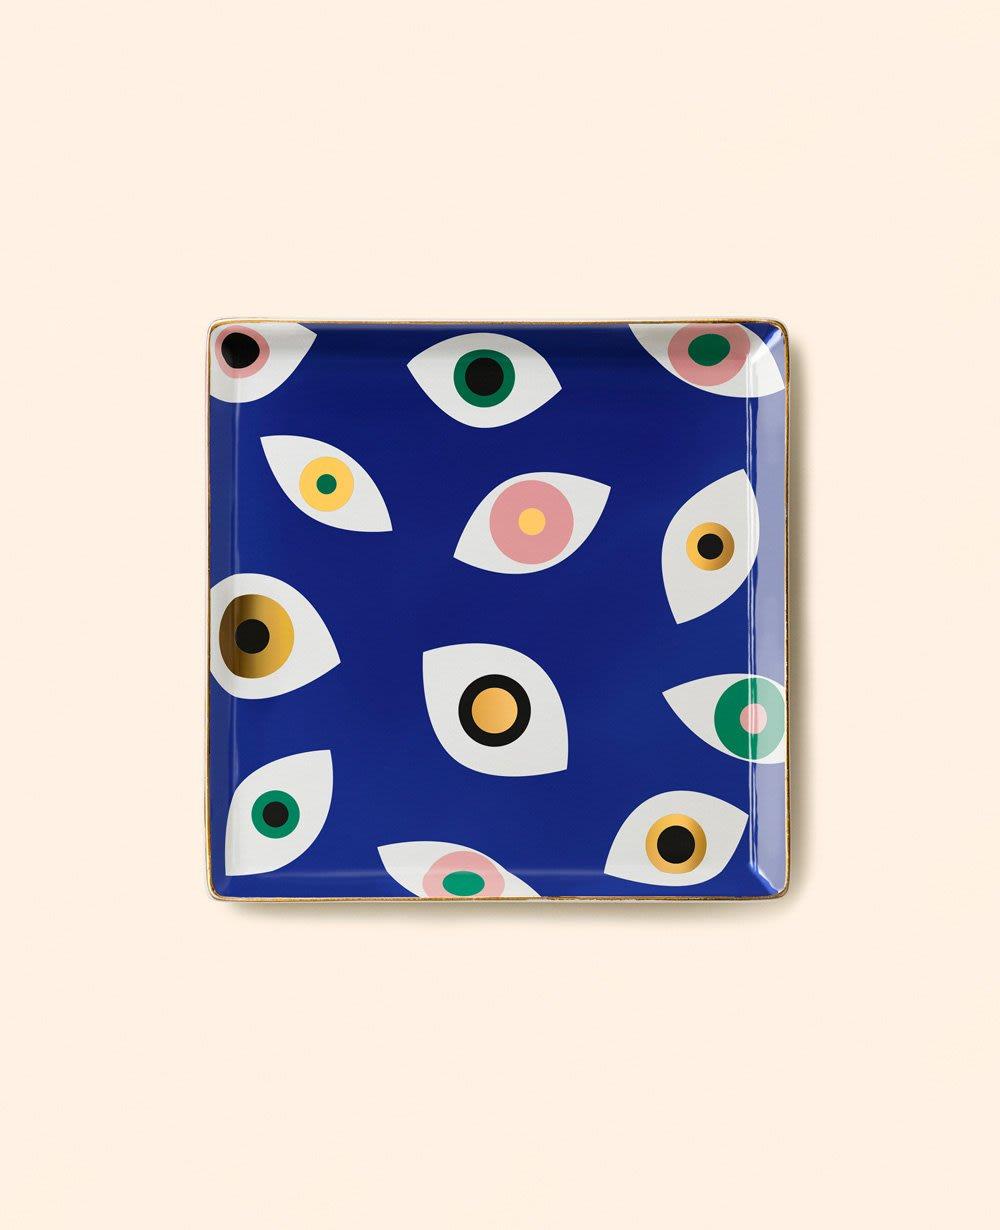 Octaevo Blue Mati Ceramic Tray